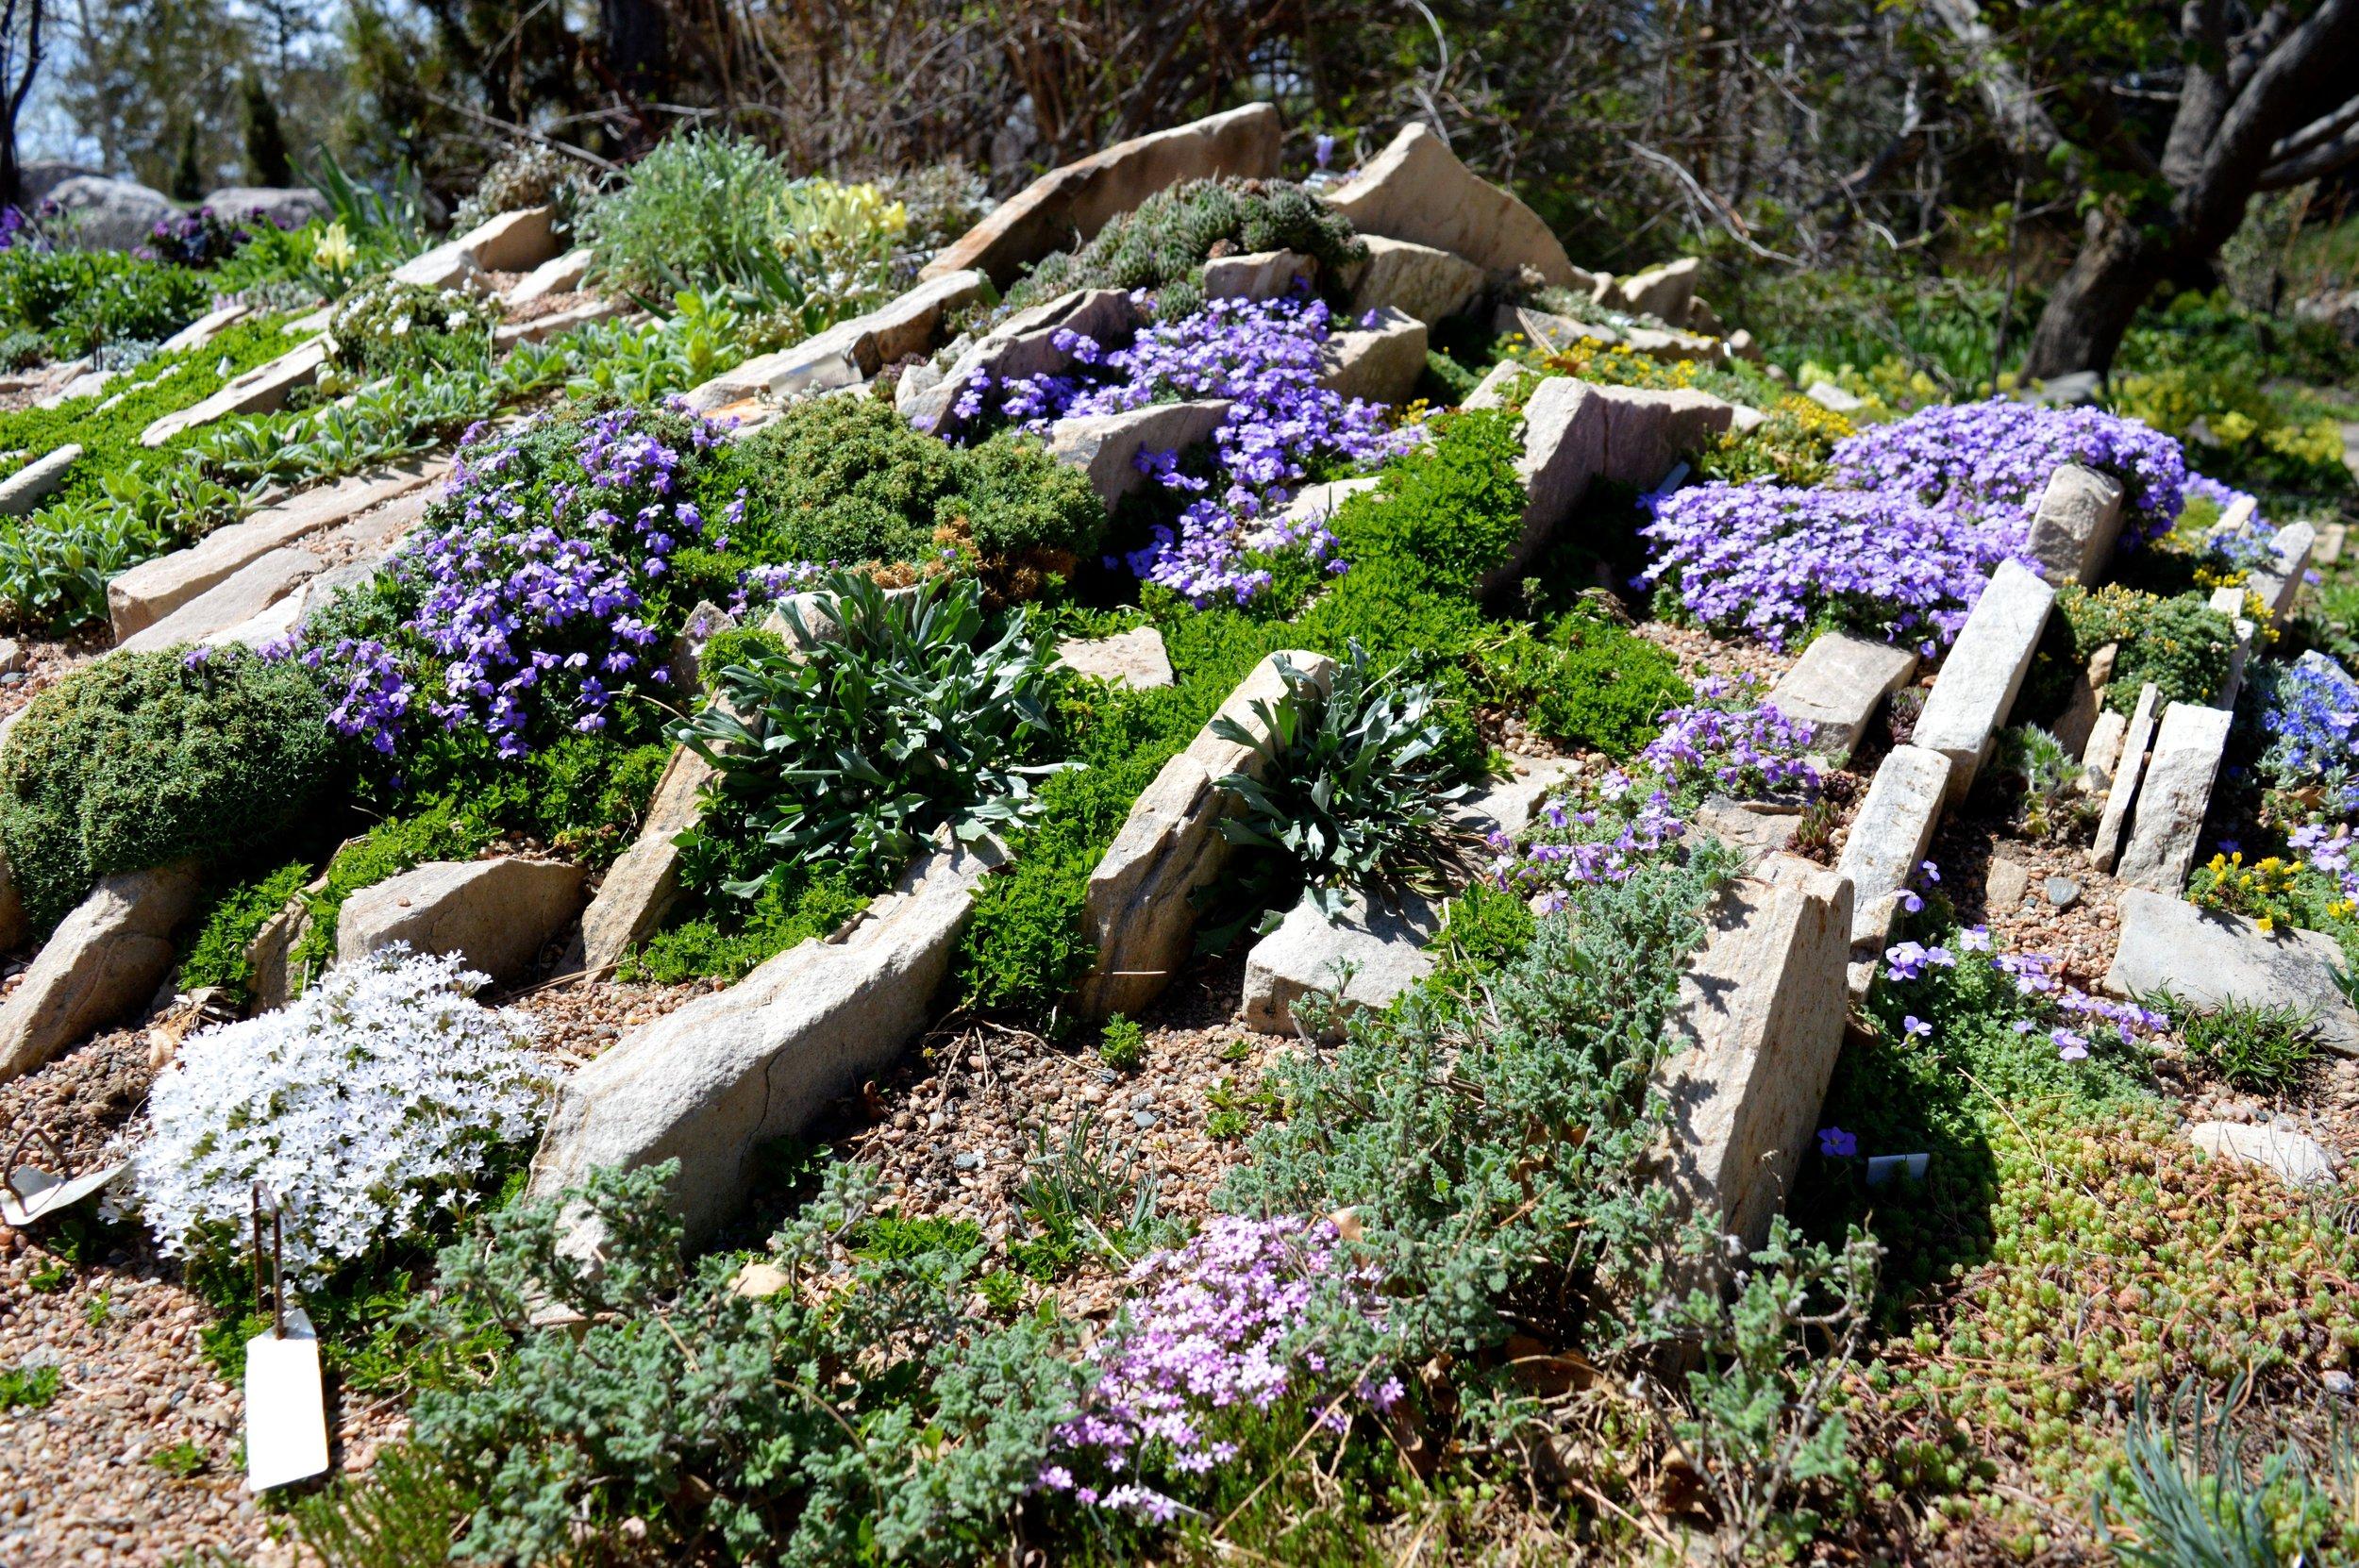 denver-botanic-gardens-April-13-18.jpg